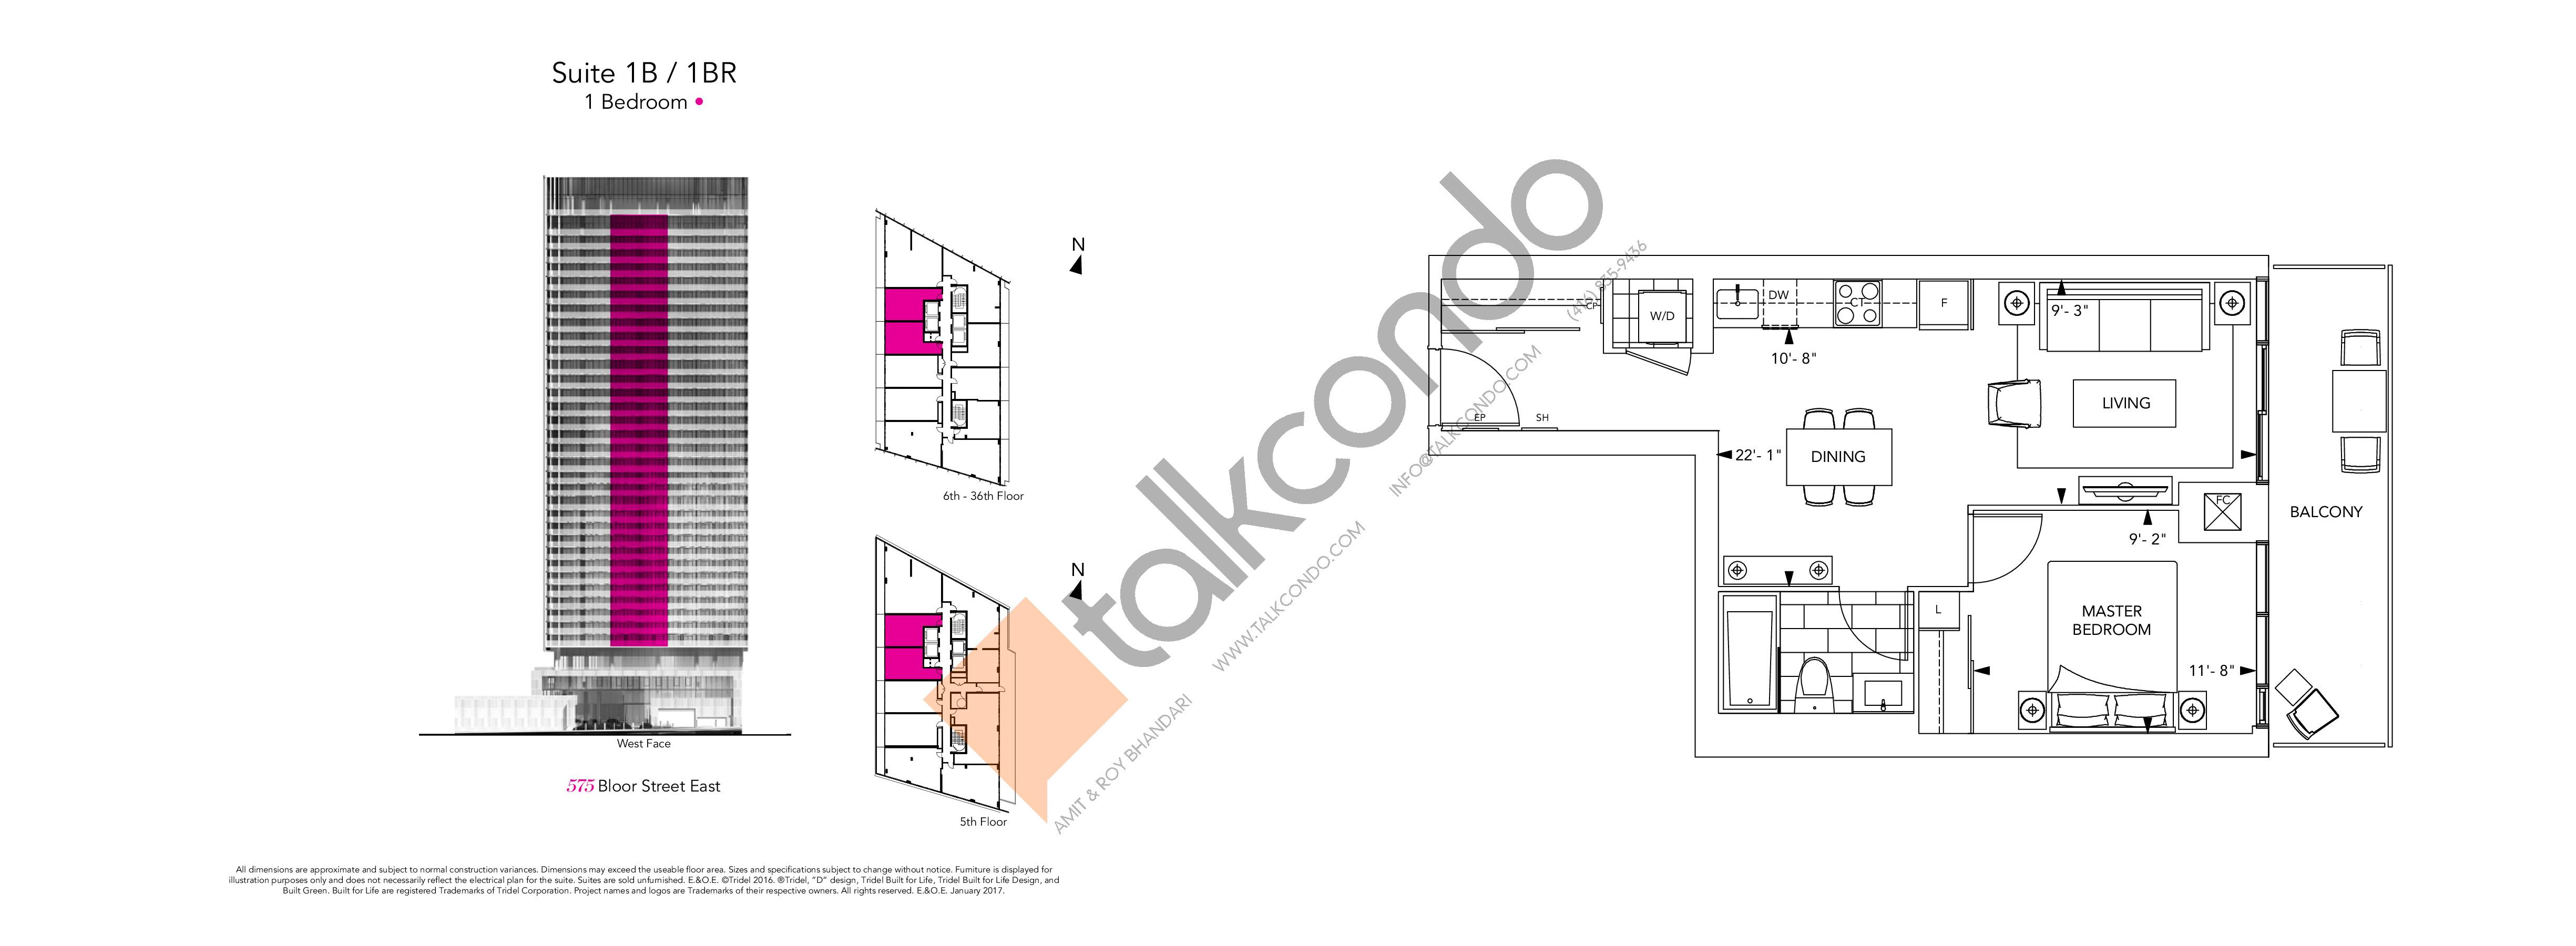 1B / BR Floor Plan at Via Bloor Condos - 556 sq.ft